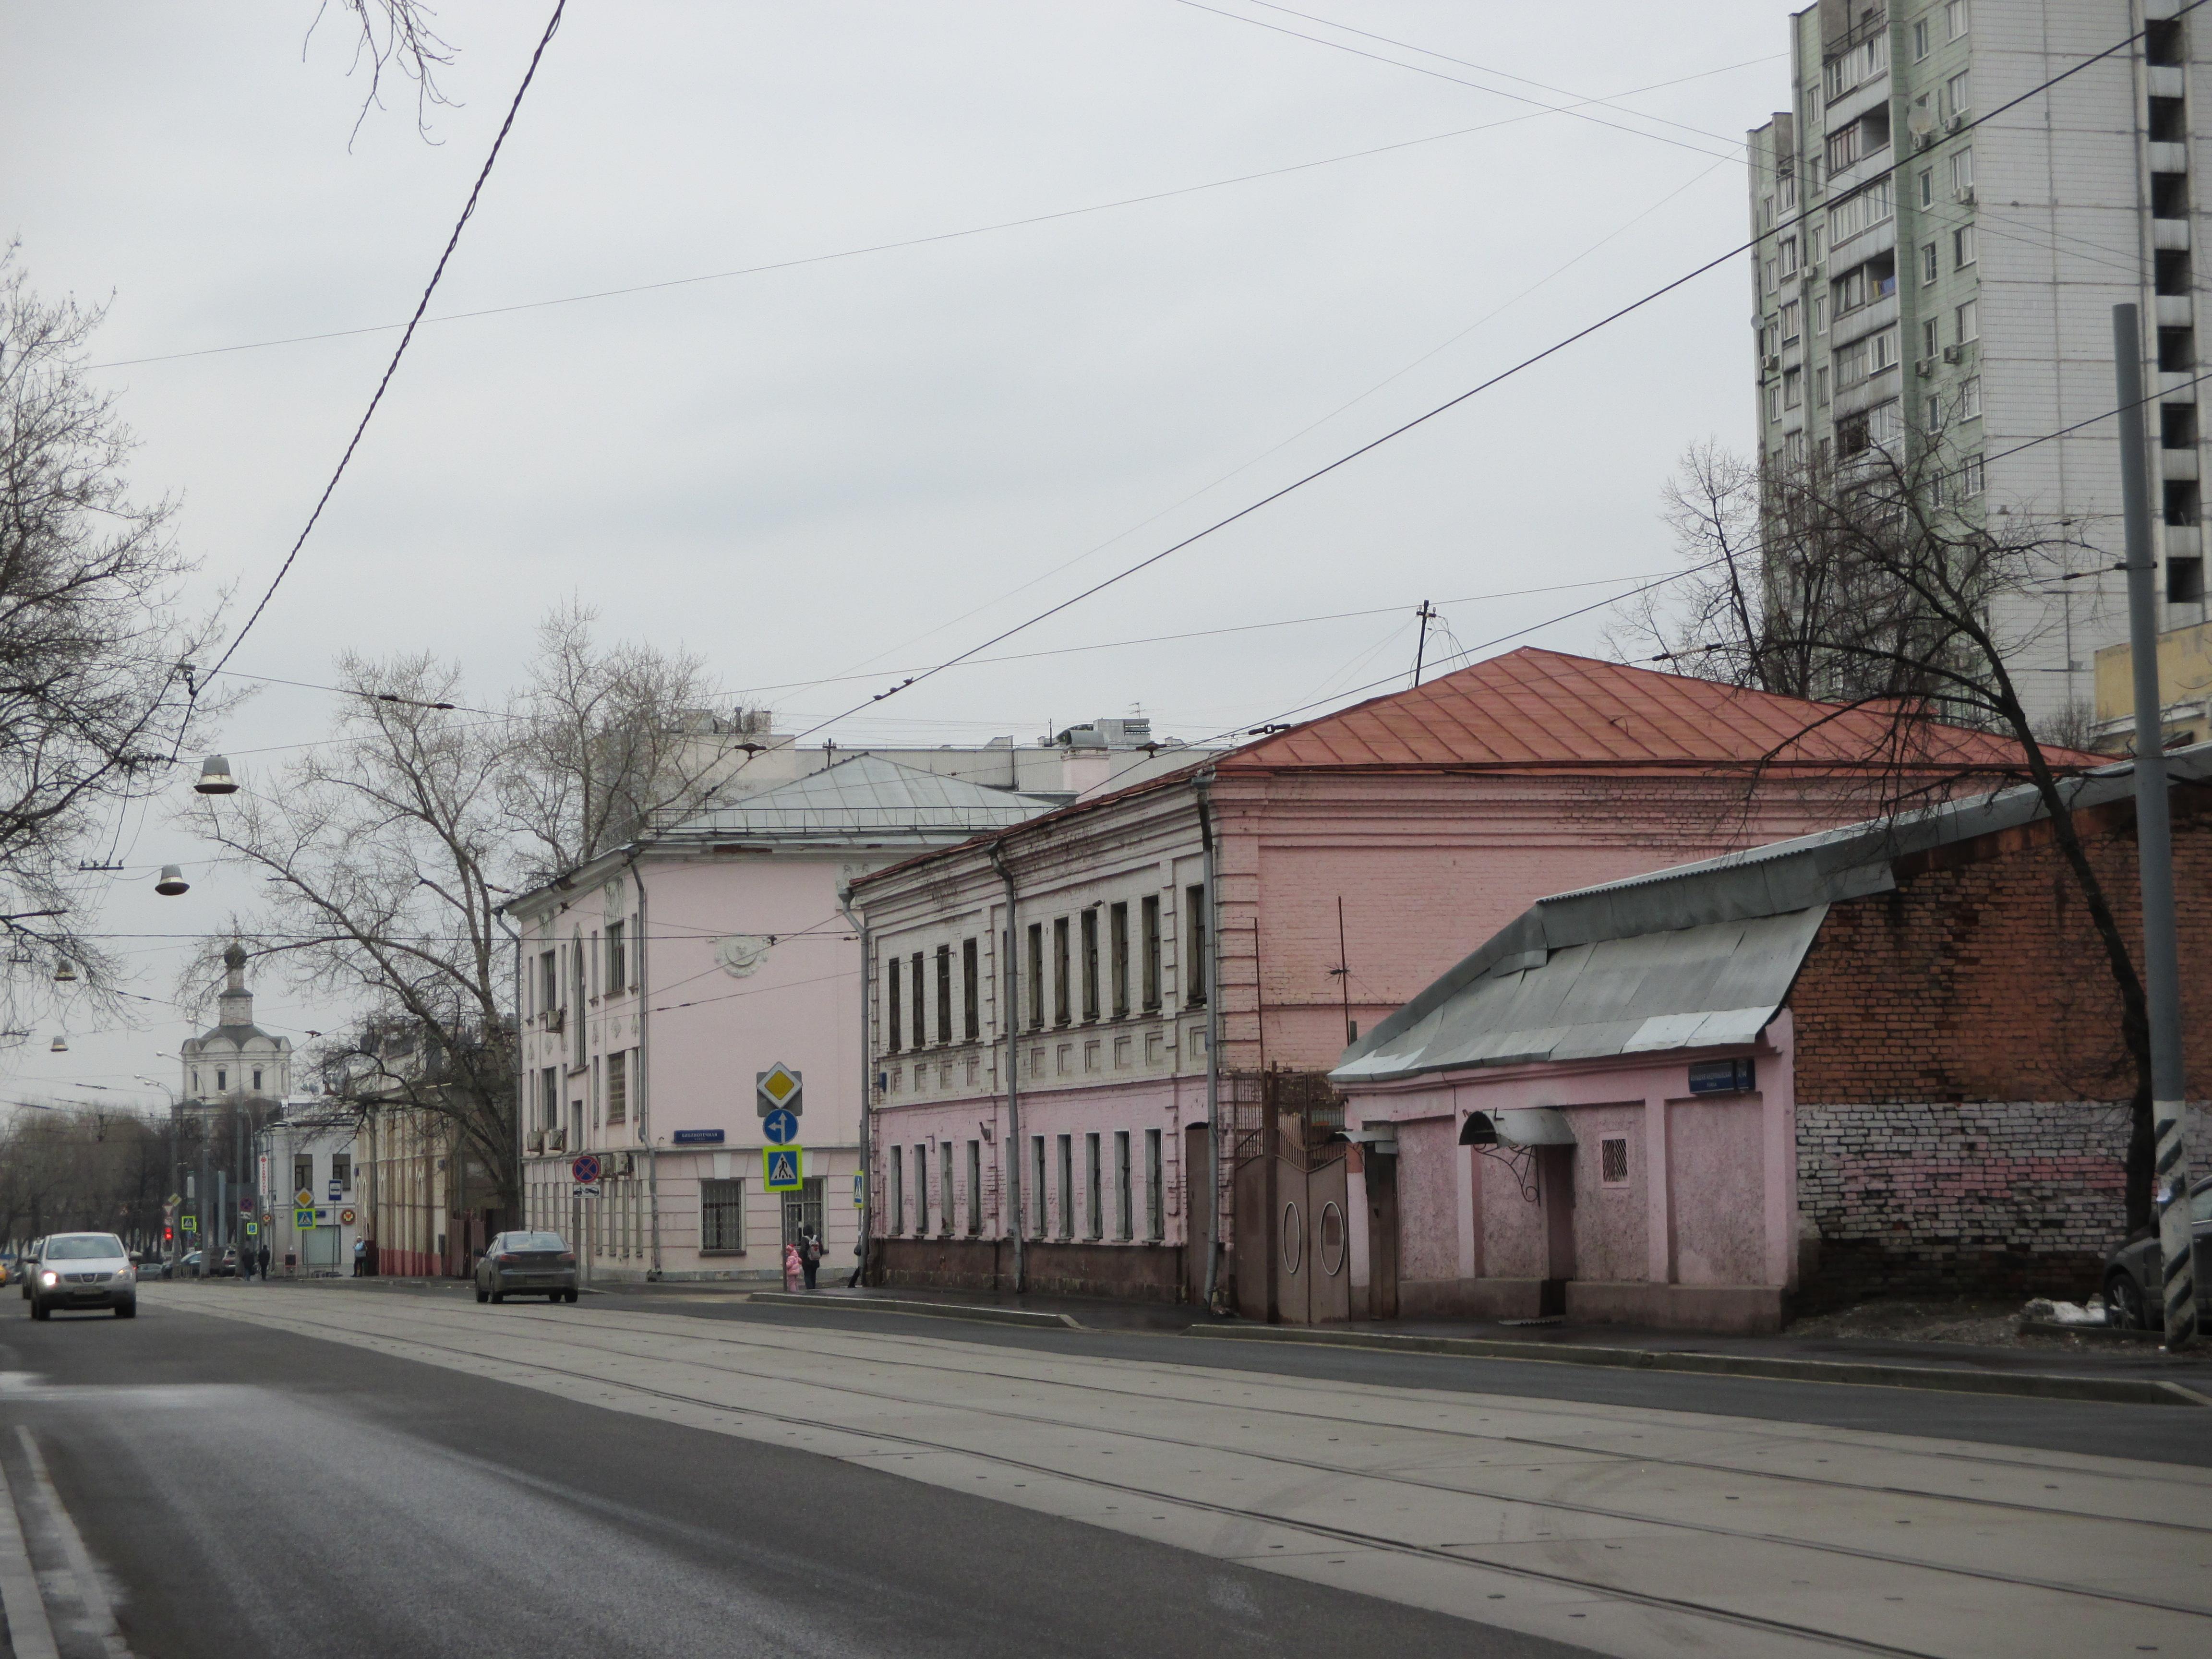 Иск наследников Краснознаменный переулок взыскание ущерба при ДТП Добрая улица